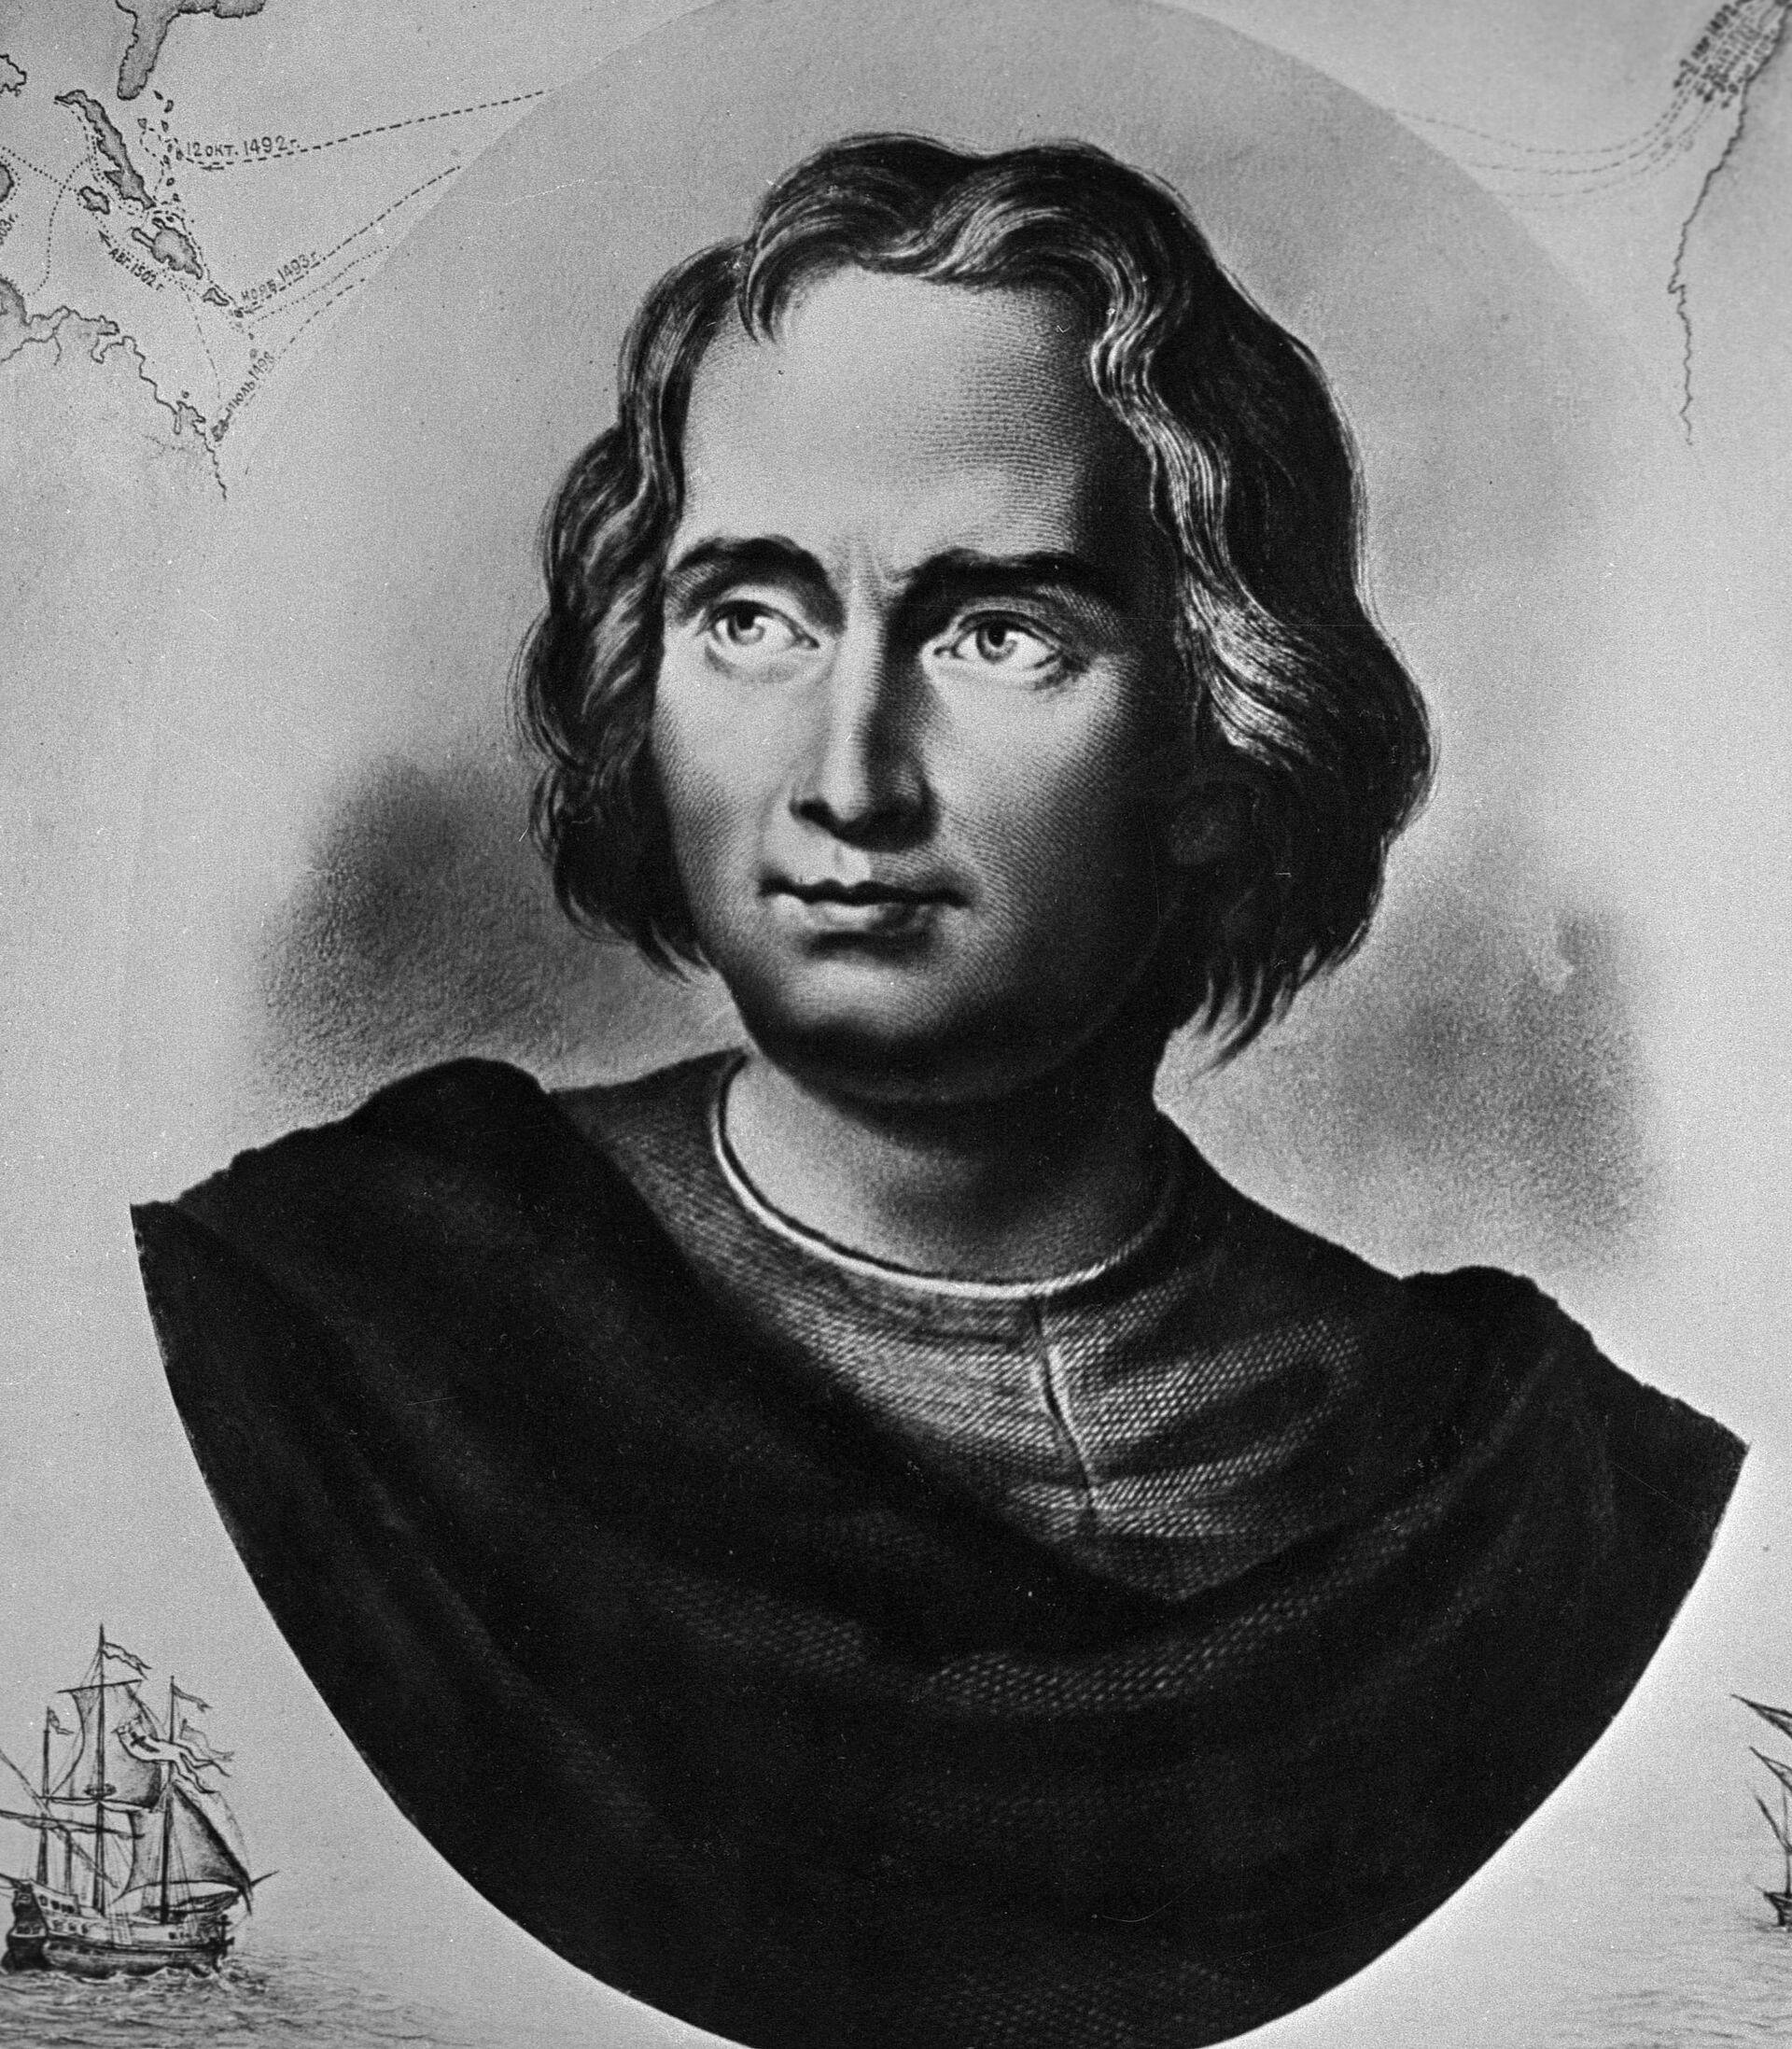 Мореплаватель Христофор Колумб (1446-1506) - испанский мореплаватель - Sputnik Тоҷикистон, 1920, 23.09.2021